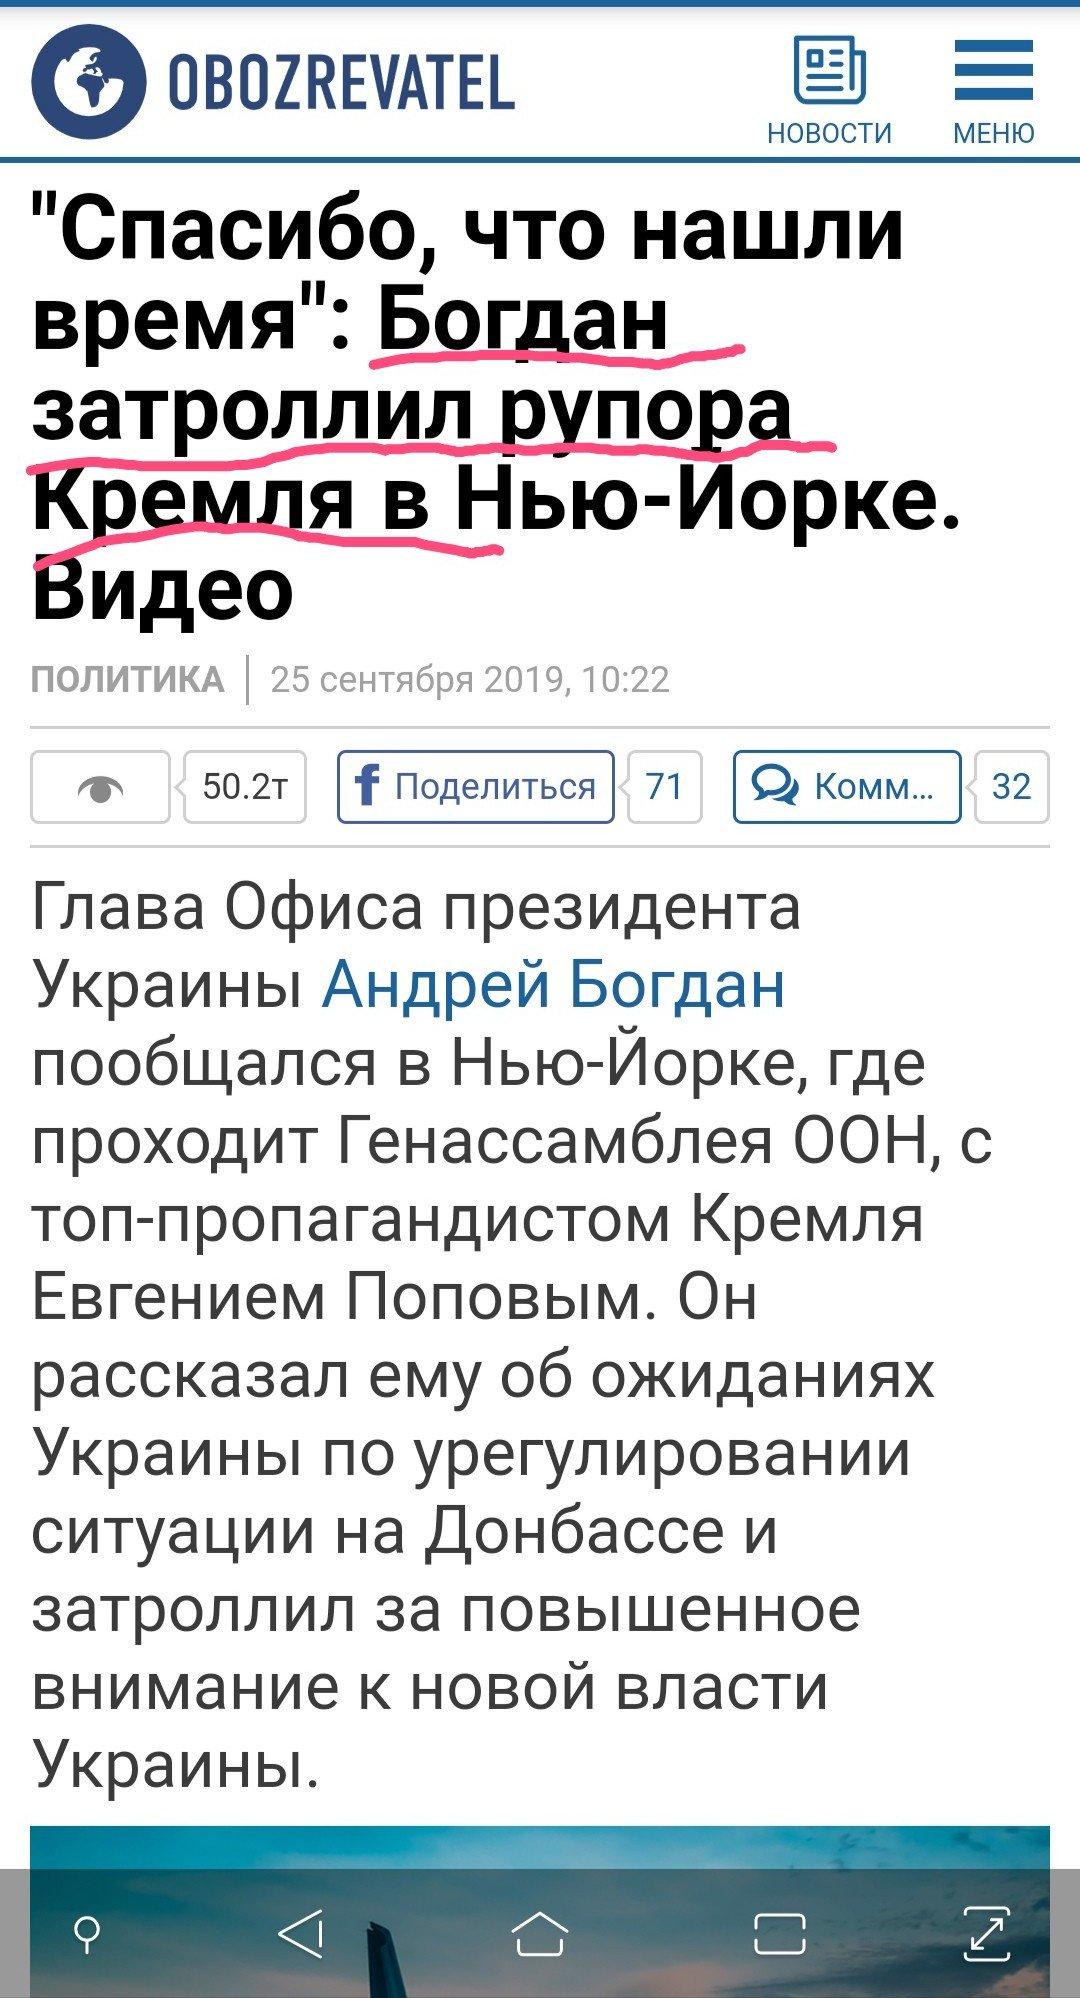 """""""На мене тиснути може лише мій син"""", - Зеленський відповів російським пропагандистам про відносини із Трампом - Цензор.НЕТ 9039"""